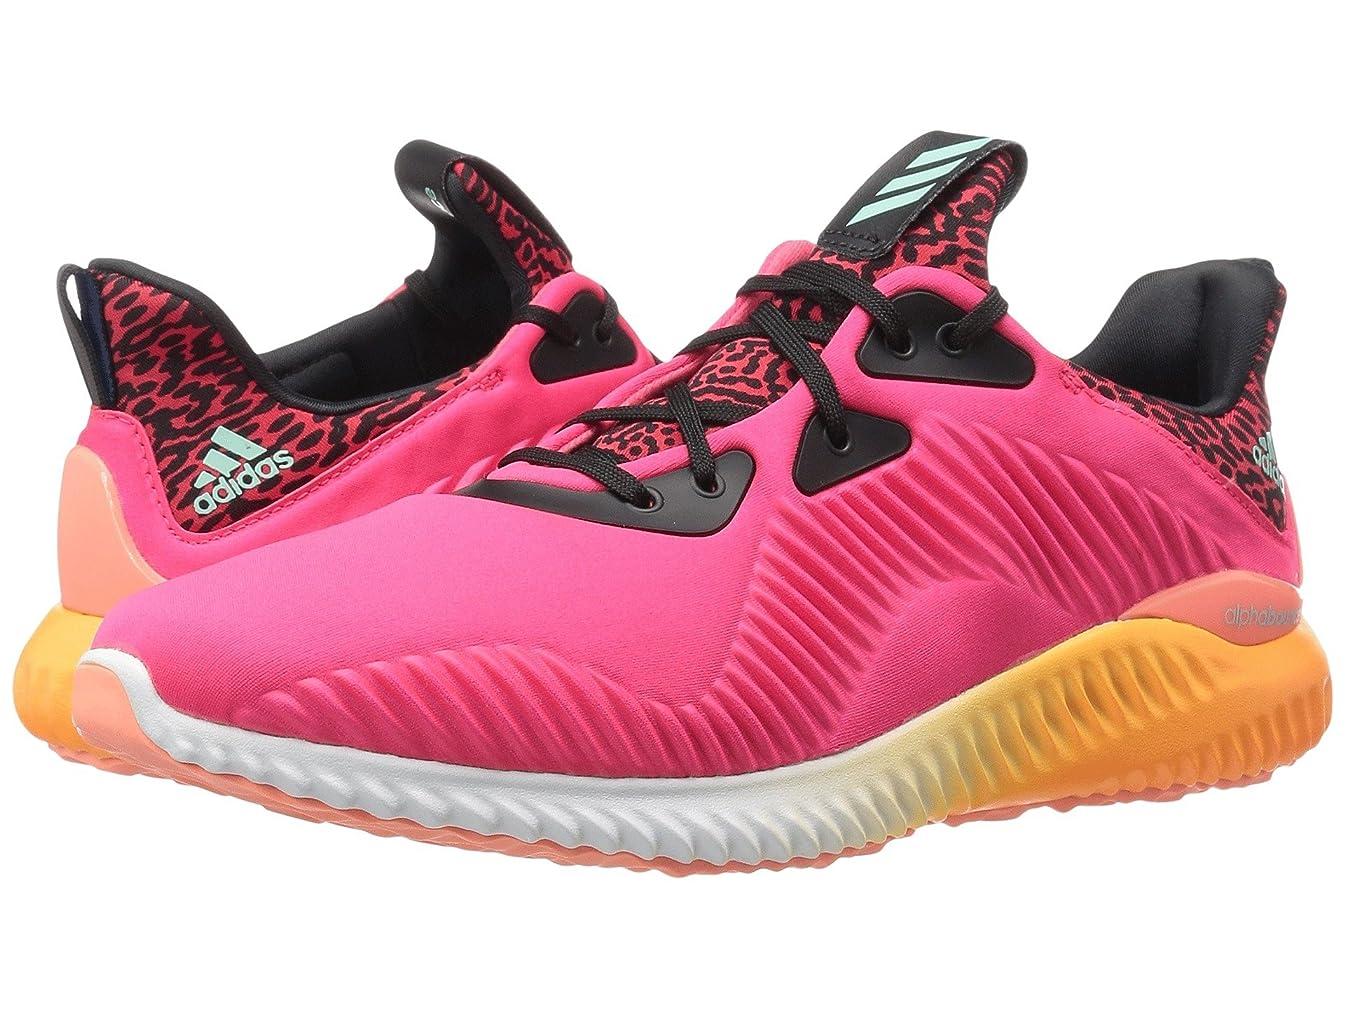 モバイルうなり声サミット(アディダス) adidas レディースランニングシューズ?スニーカー?靴 Alphabounce Shock Red/White/Sun Glow/Ice Green/Crysal White 9.5 (26.5cm) B - Medium